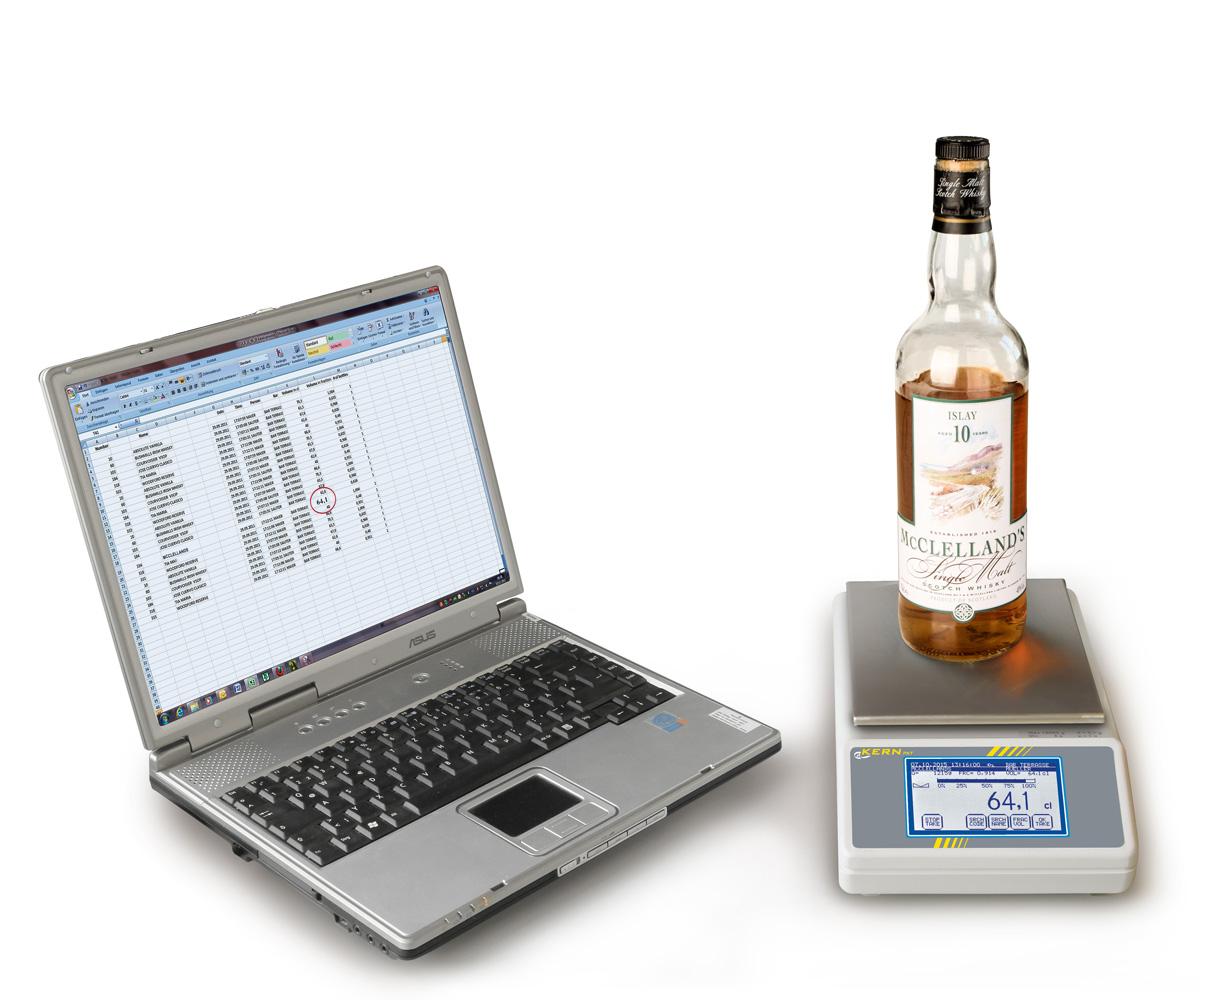 Innovative Inventurwaage mit Touchscreen zum rationellen Erfassen von Getränkemengen in Flaschen und Einlesen in den PC